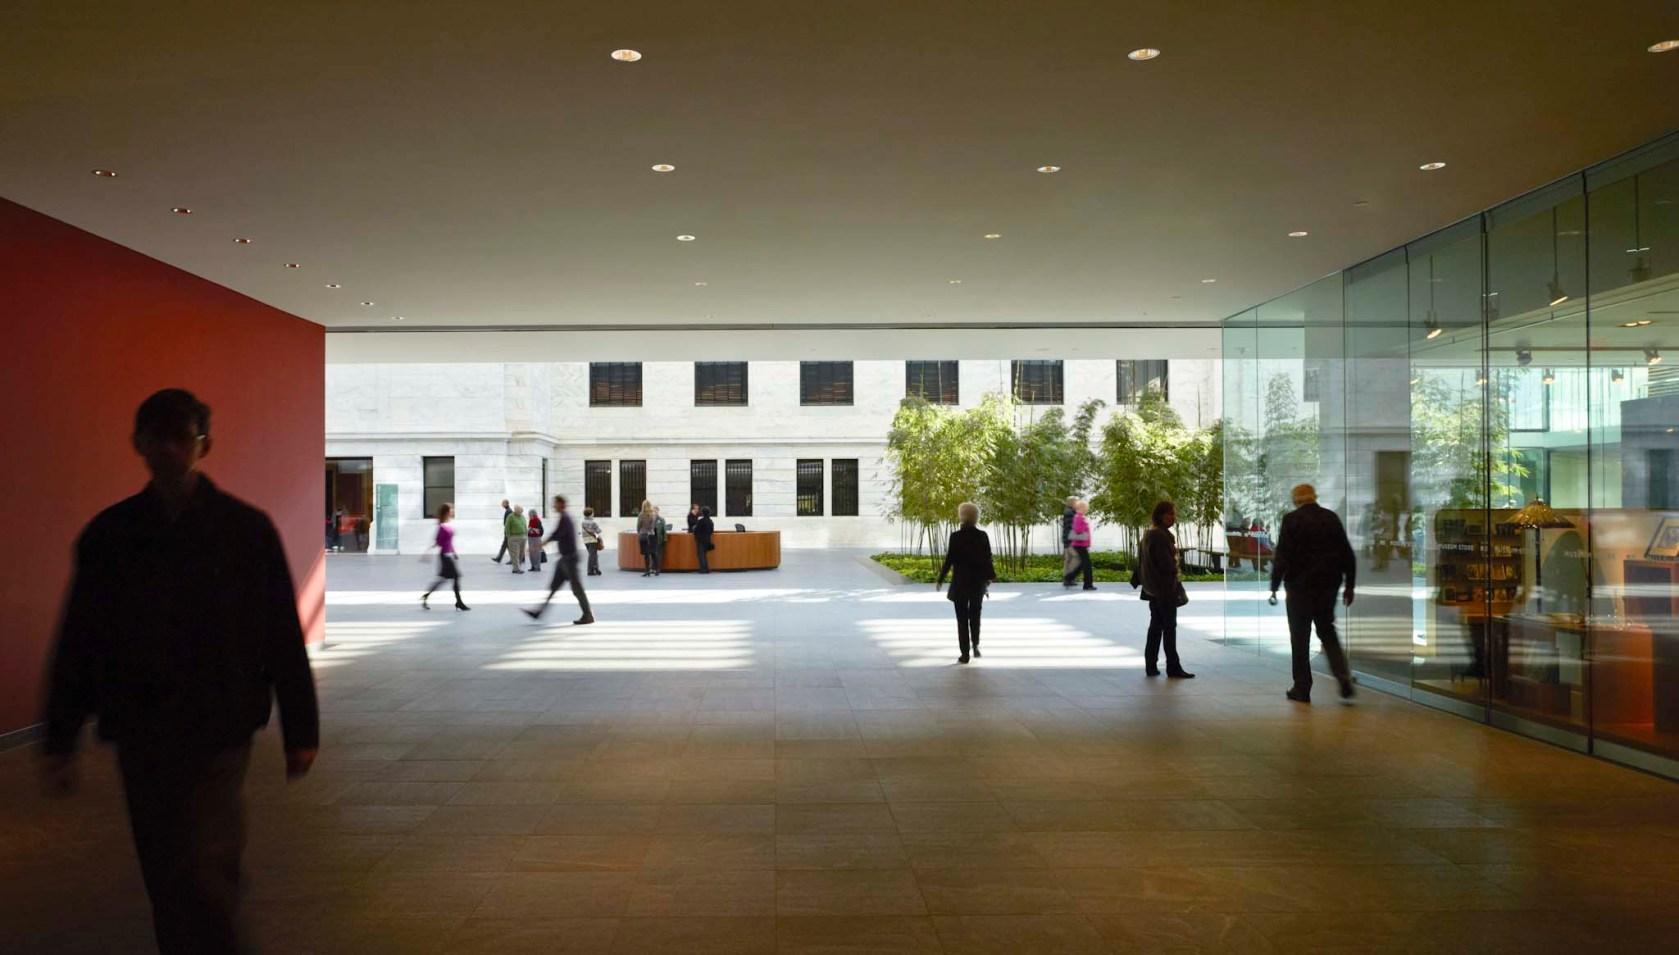 Cleveland Art Museum Atrium